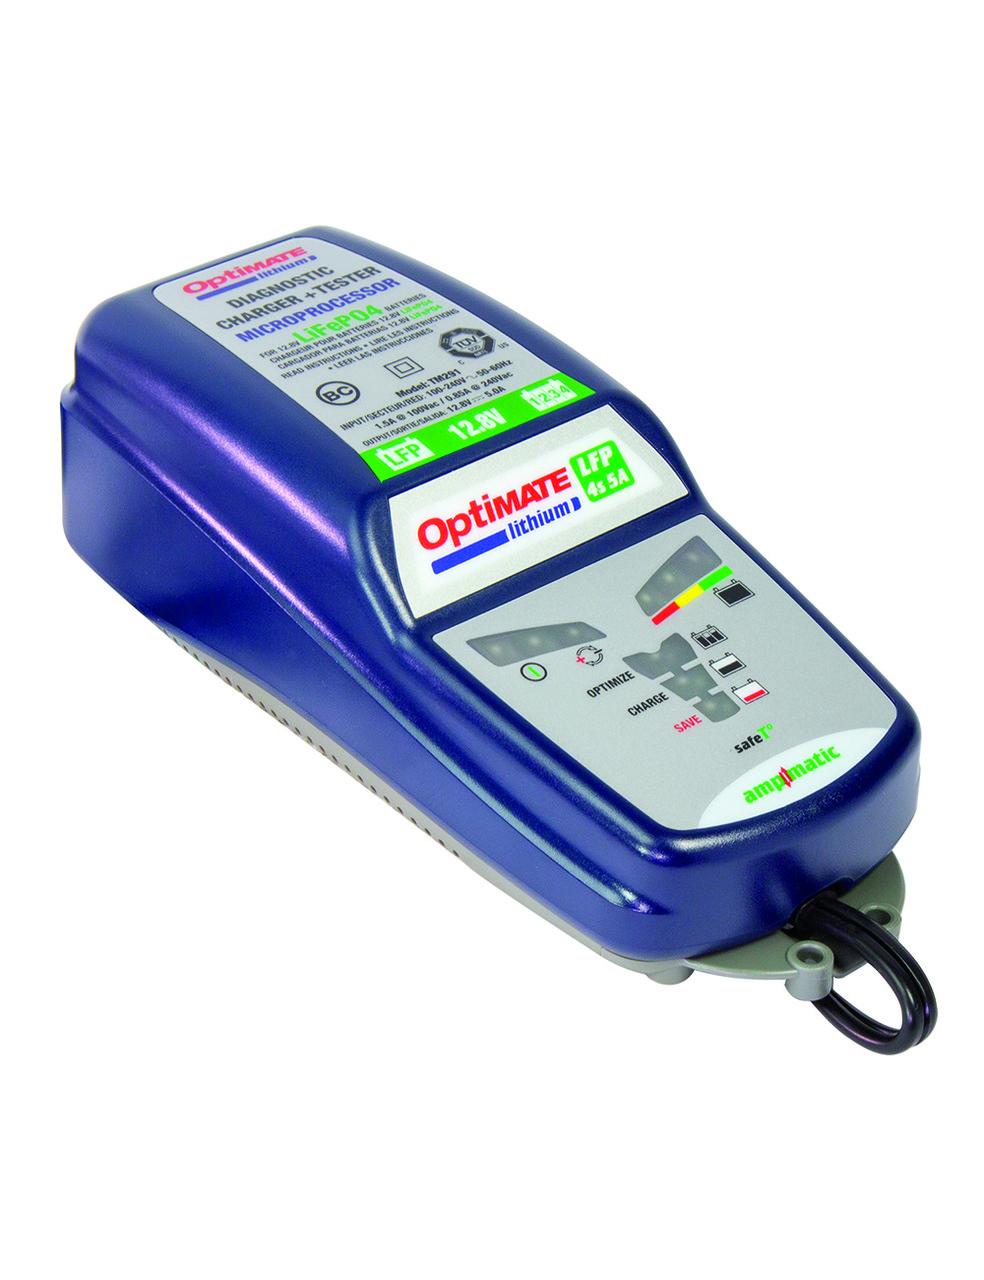 Зарядное устройство Optimate Lithium TM290 (0.4A– 5.0А, 12В)